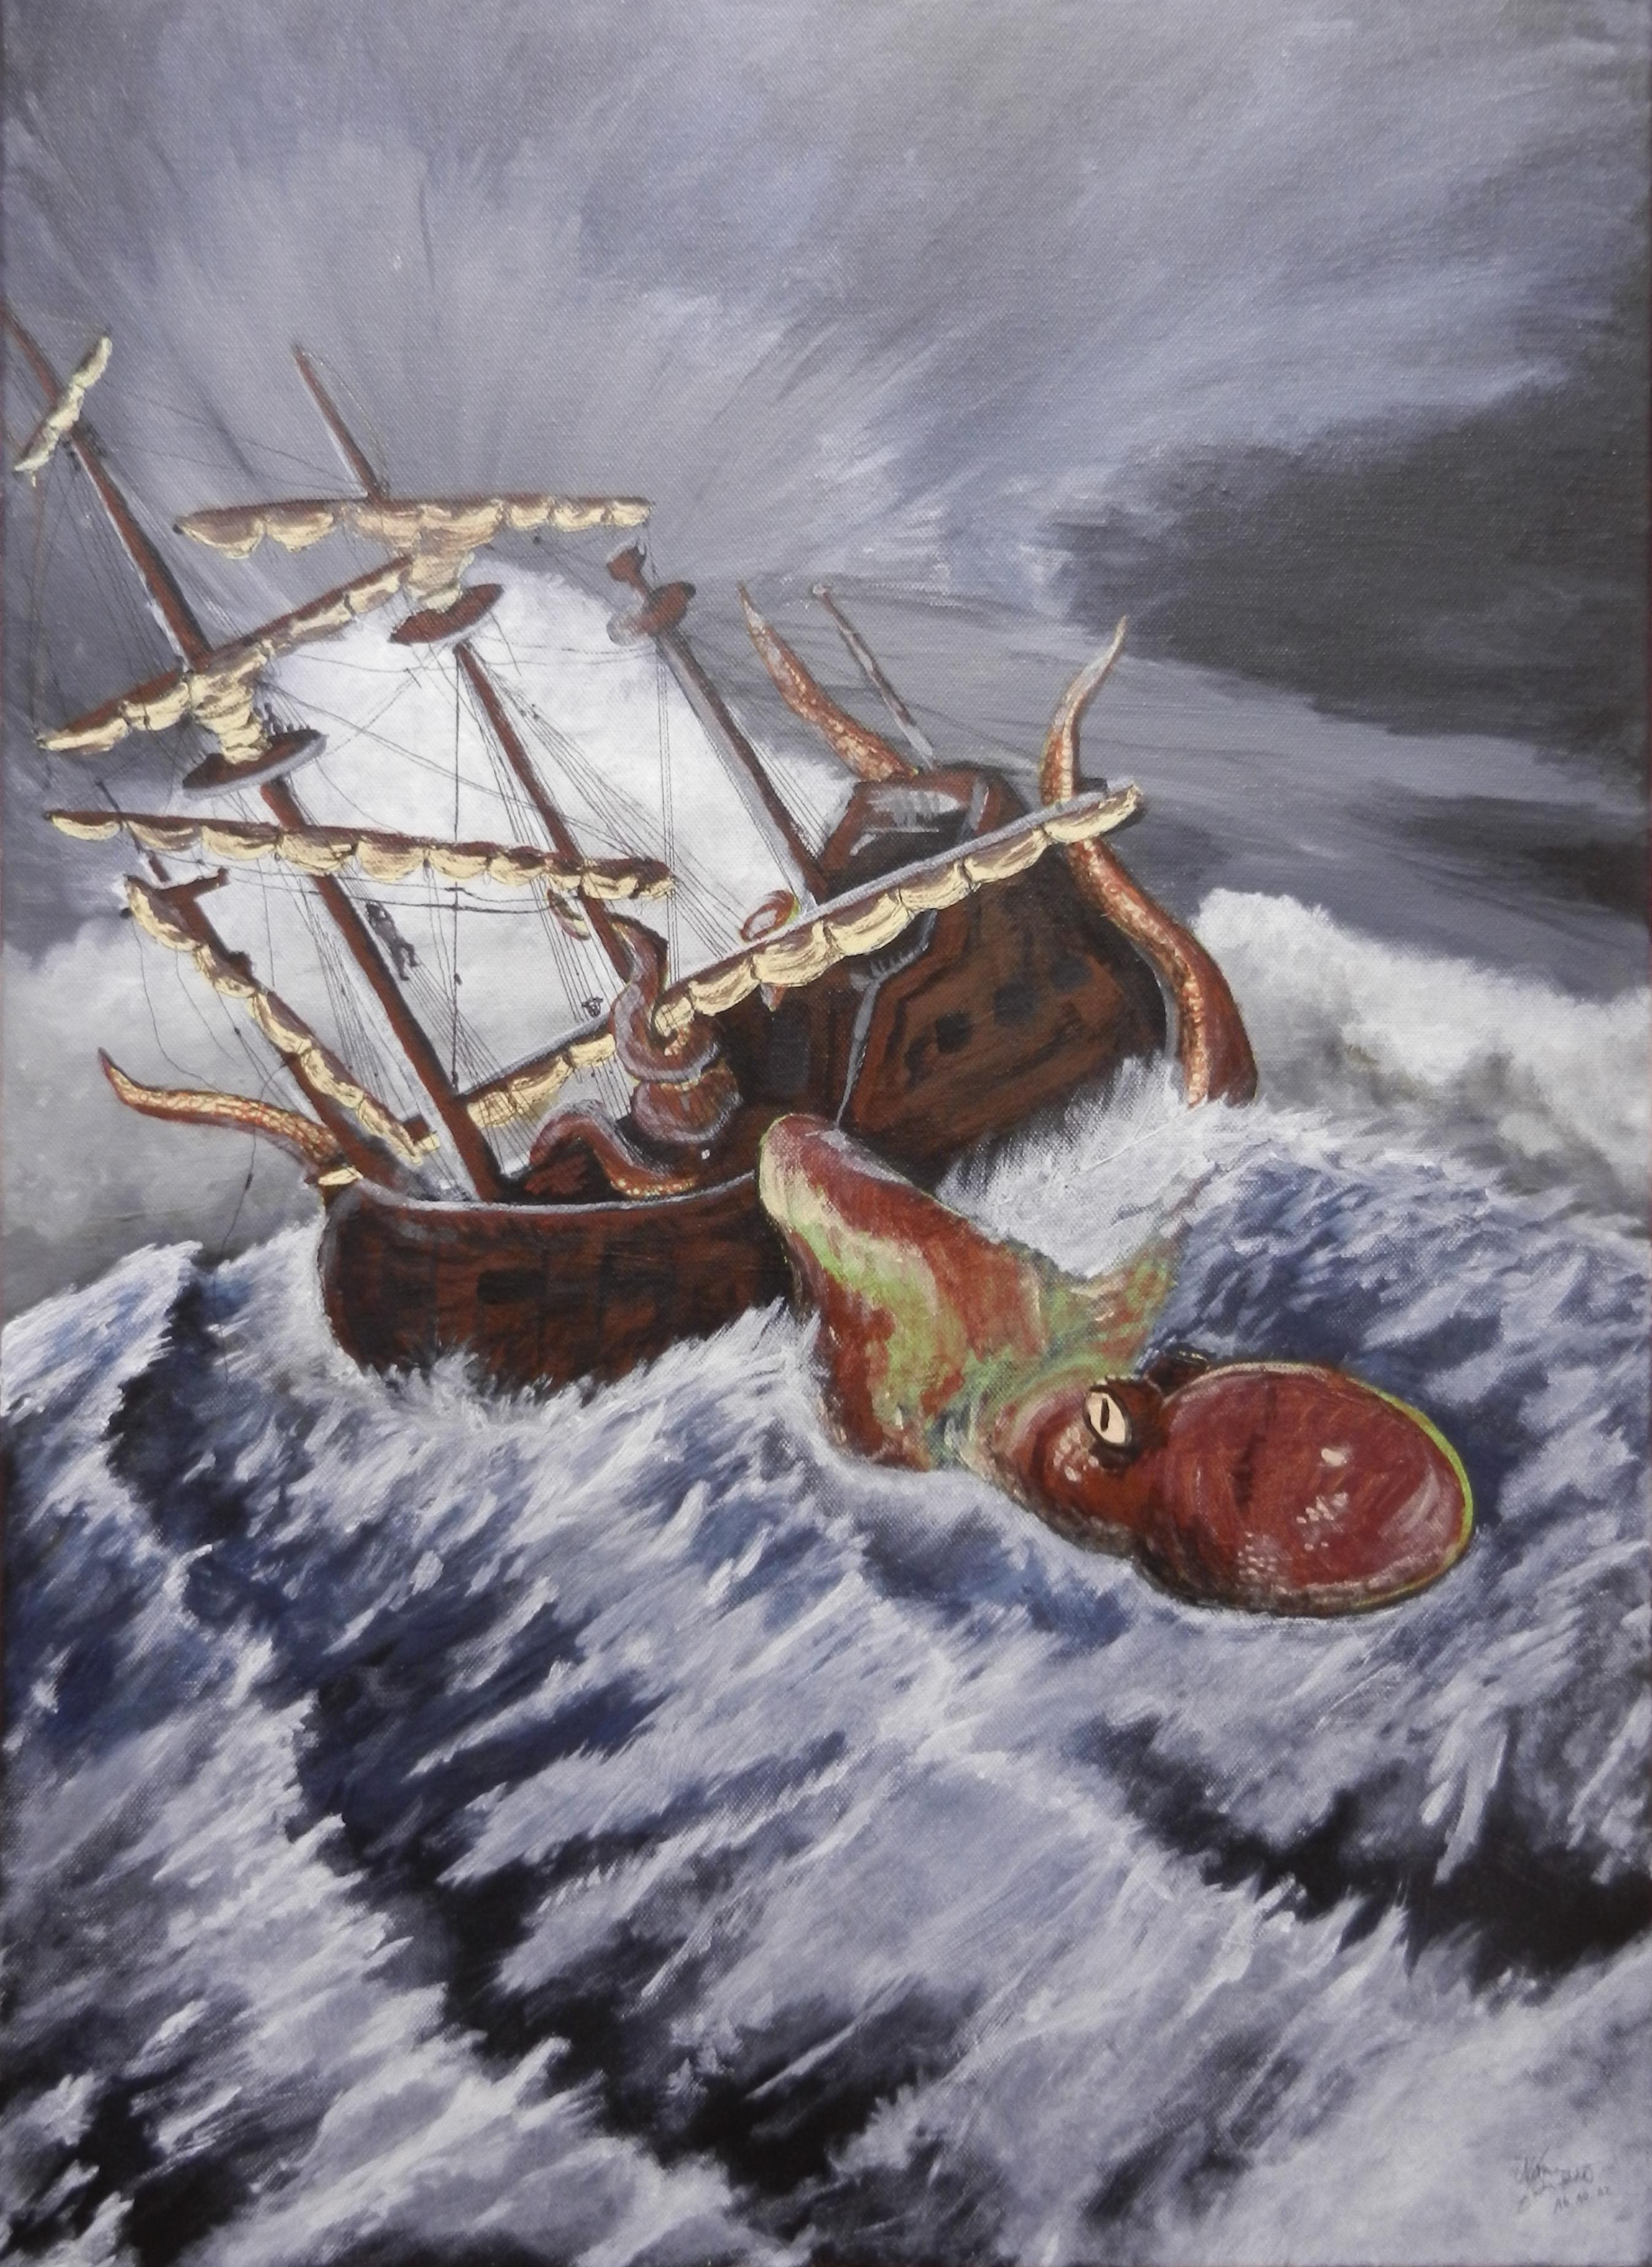 Krakenjammer by Eschenfelder